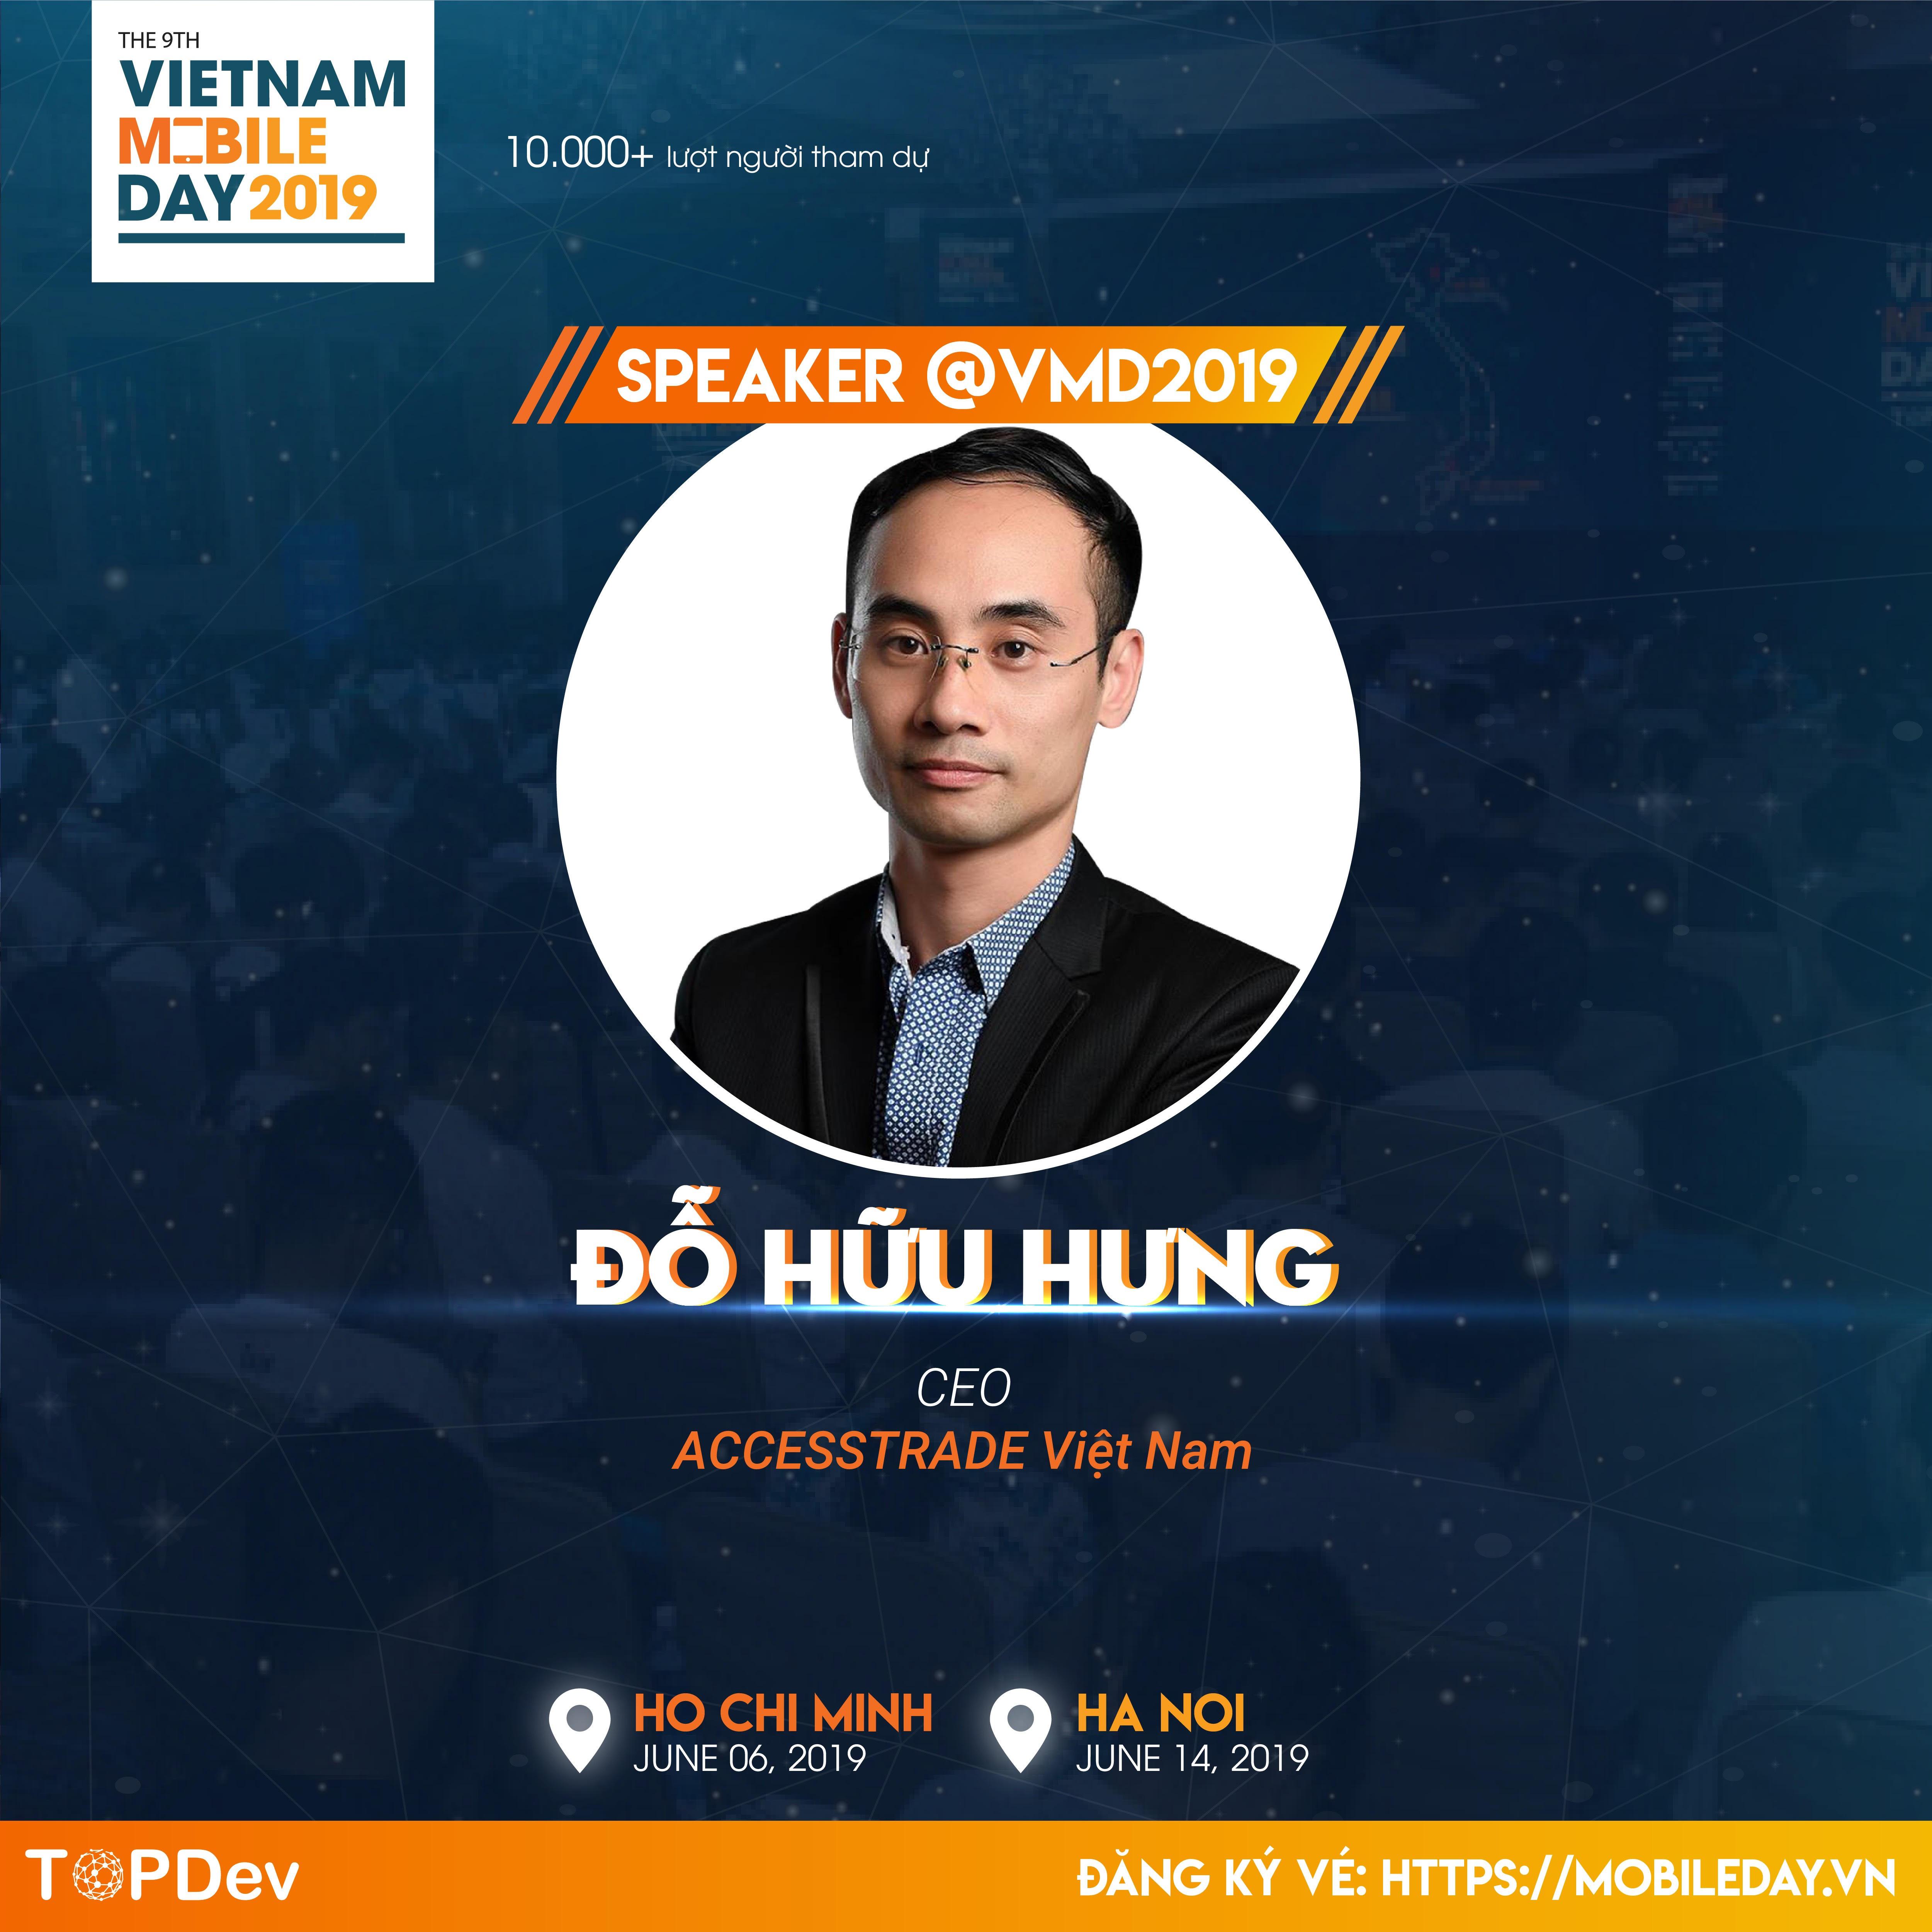 ACCESSTRADE đồng hành cùng Vietnam Mobile Day 2019